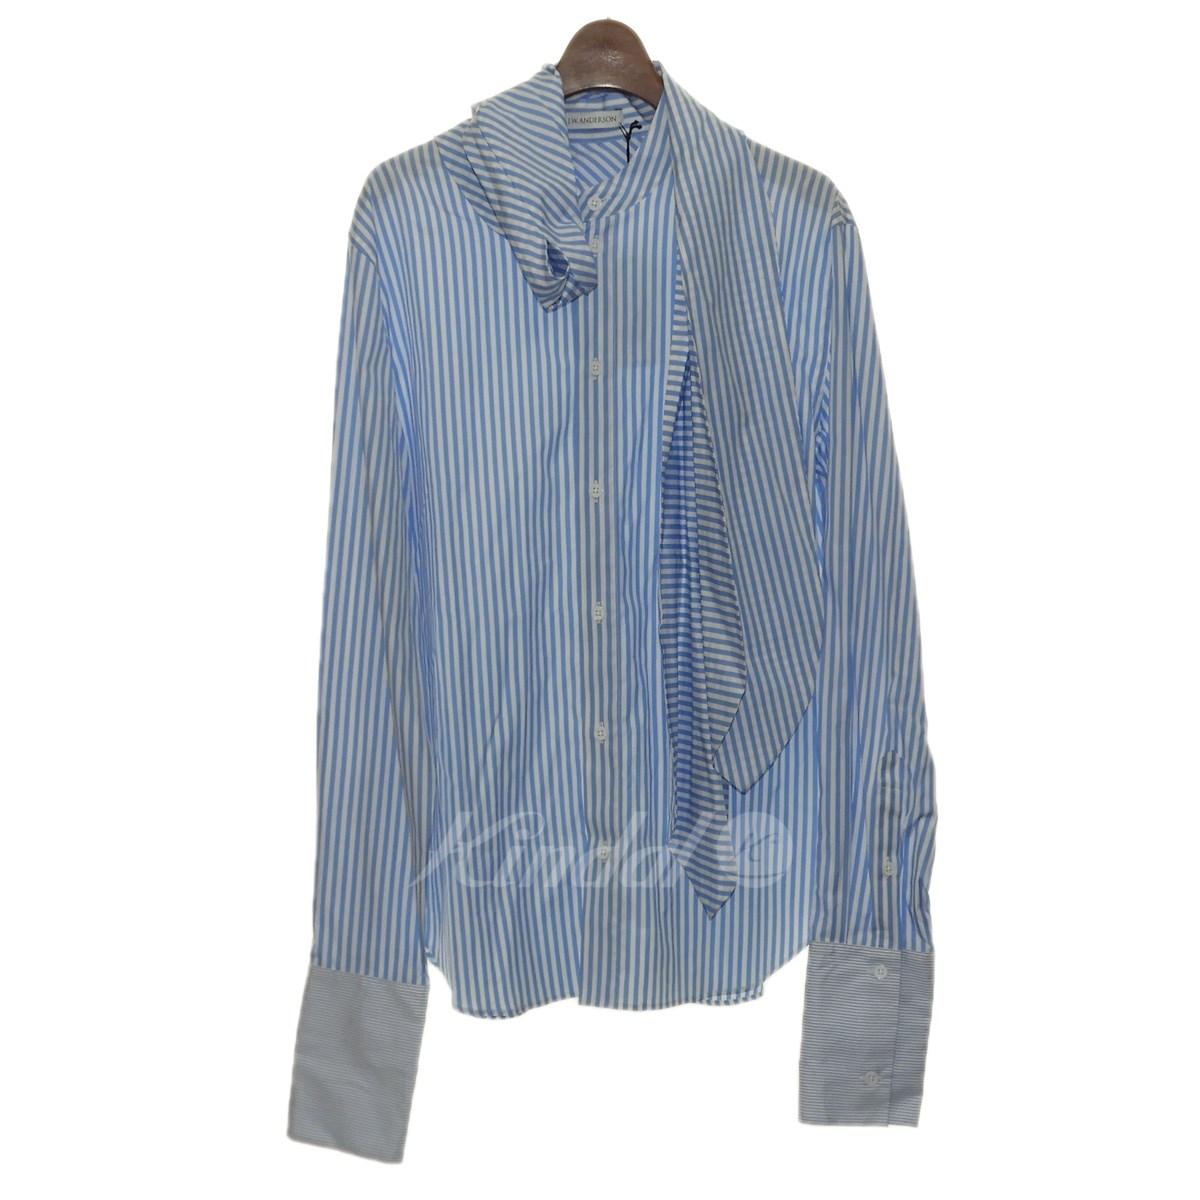 【中古】J.W.Anderson 「BEACH STRIPE SHIRT W/SCARF」スカーフストライプシャツ ブルー×ホワイト サイズ:46 【送料無料】 【240918】(ジョナサンウィリアムアンダーソン)